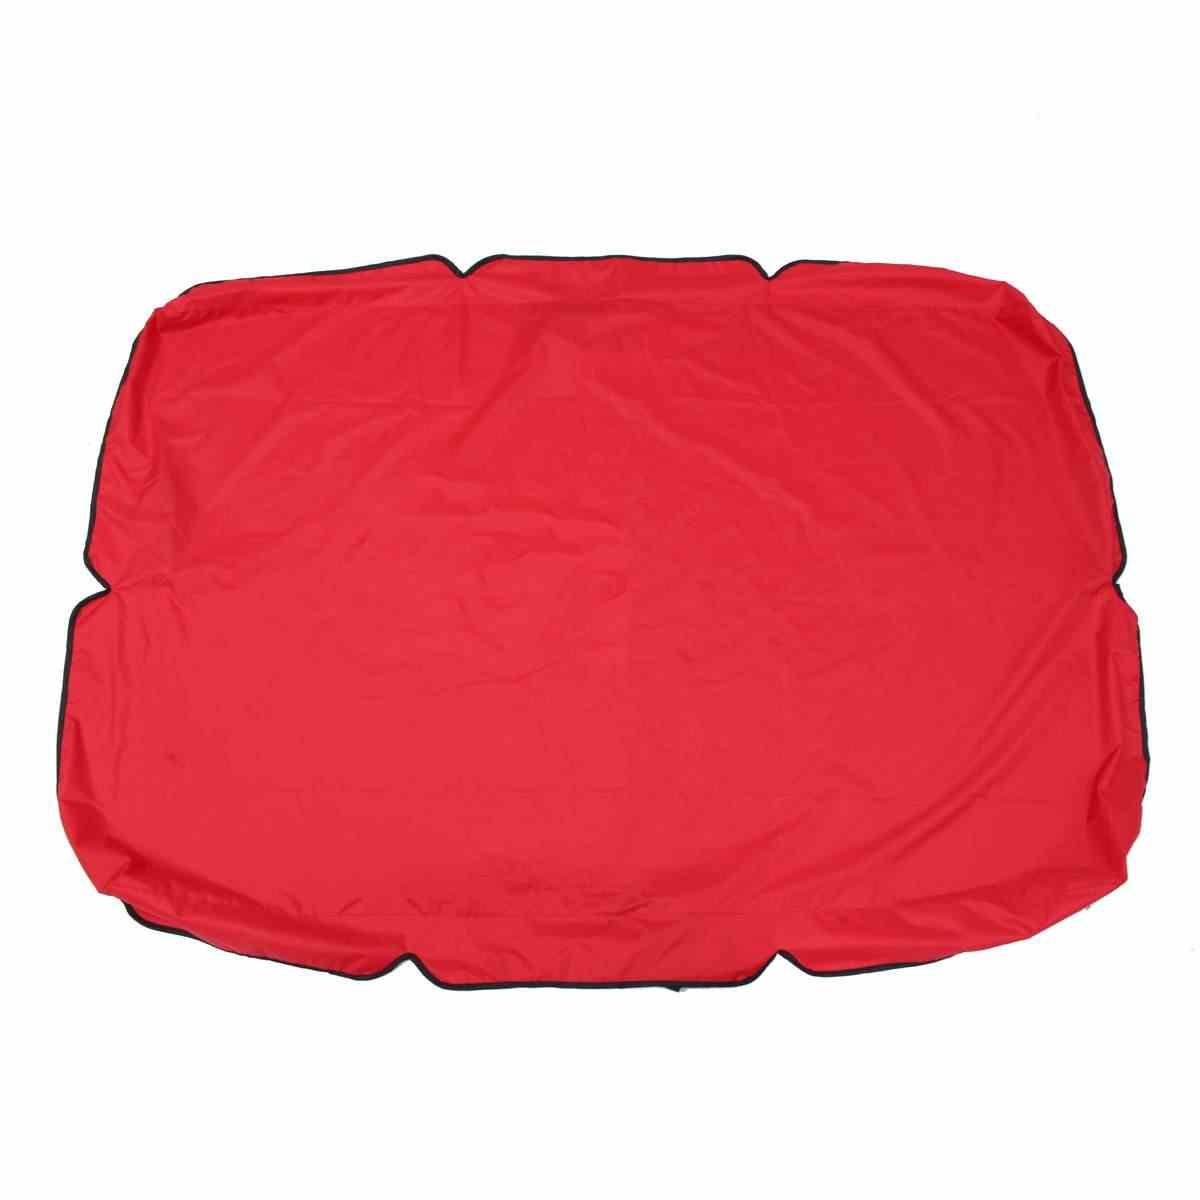 """66 """"X45"""" X5.9 """"bahçe salıncağı tente gölgelik açık Gazebo avlu salıncak sandalye hamak çadır su geçirmez yaz güneş gölge yelken"""